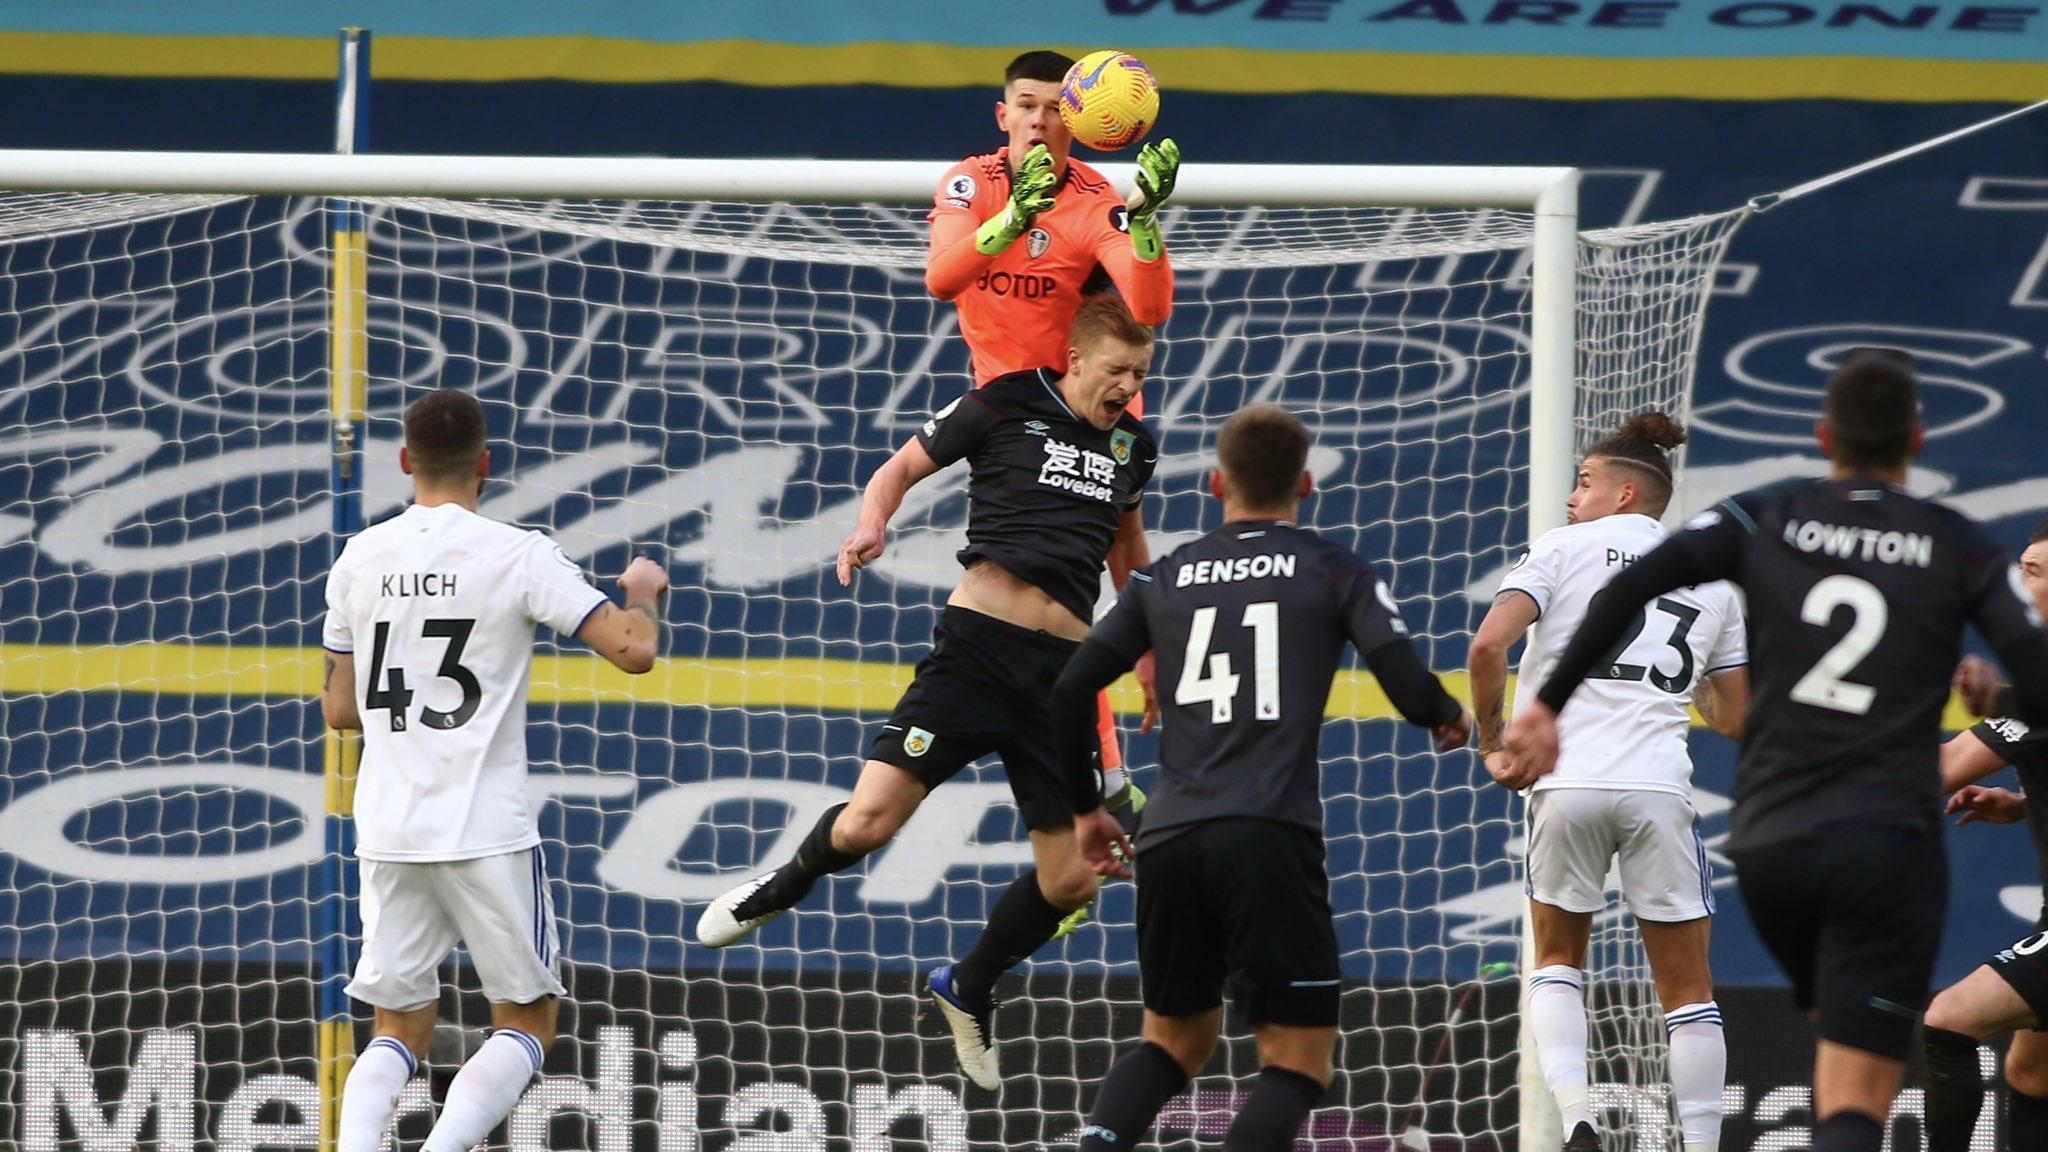 El Leeds logró vencer al Burnley